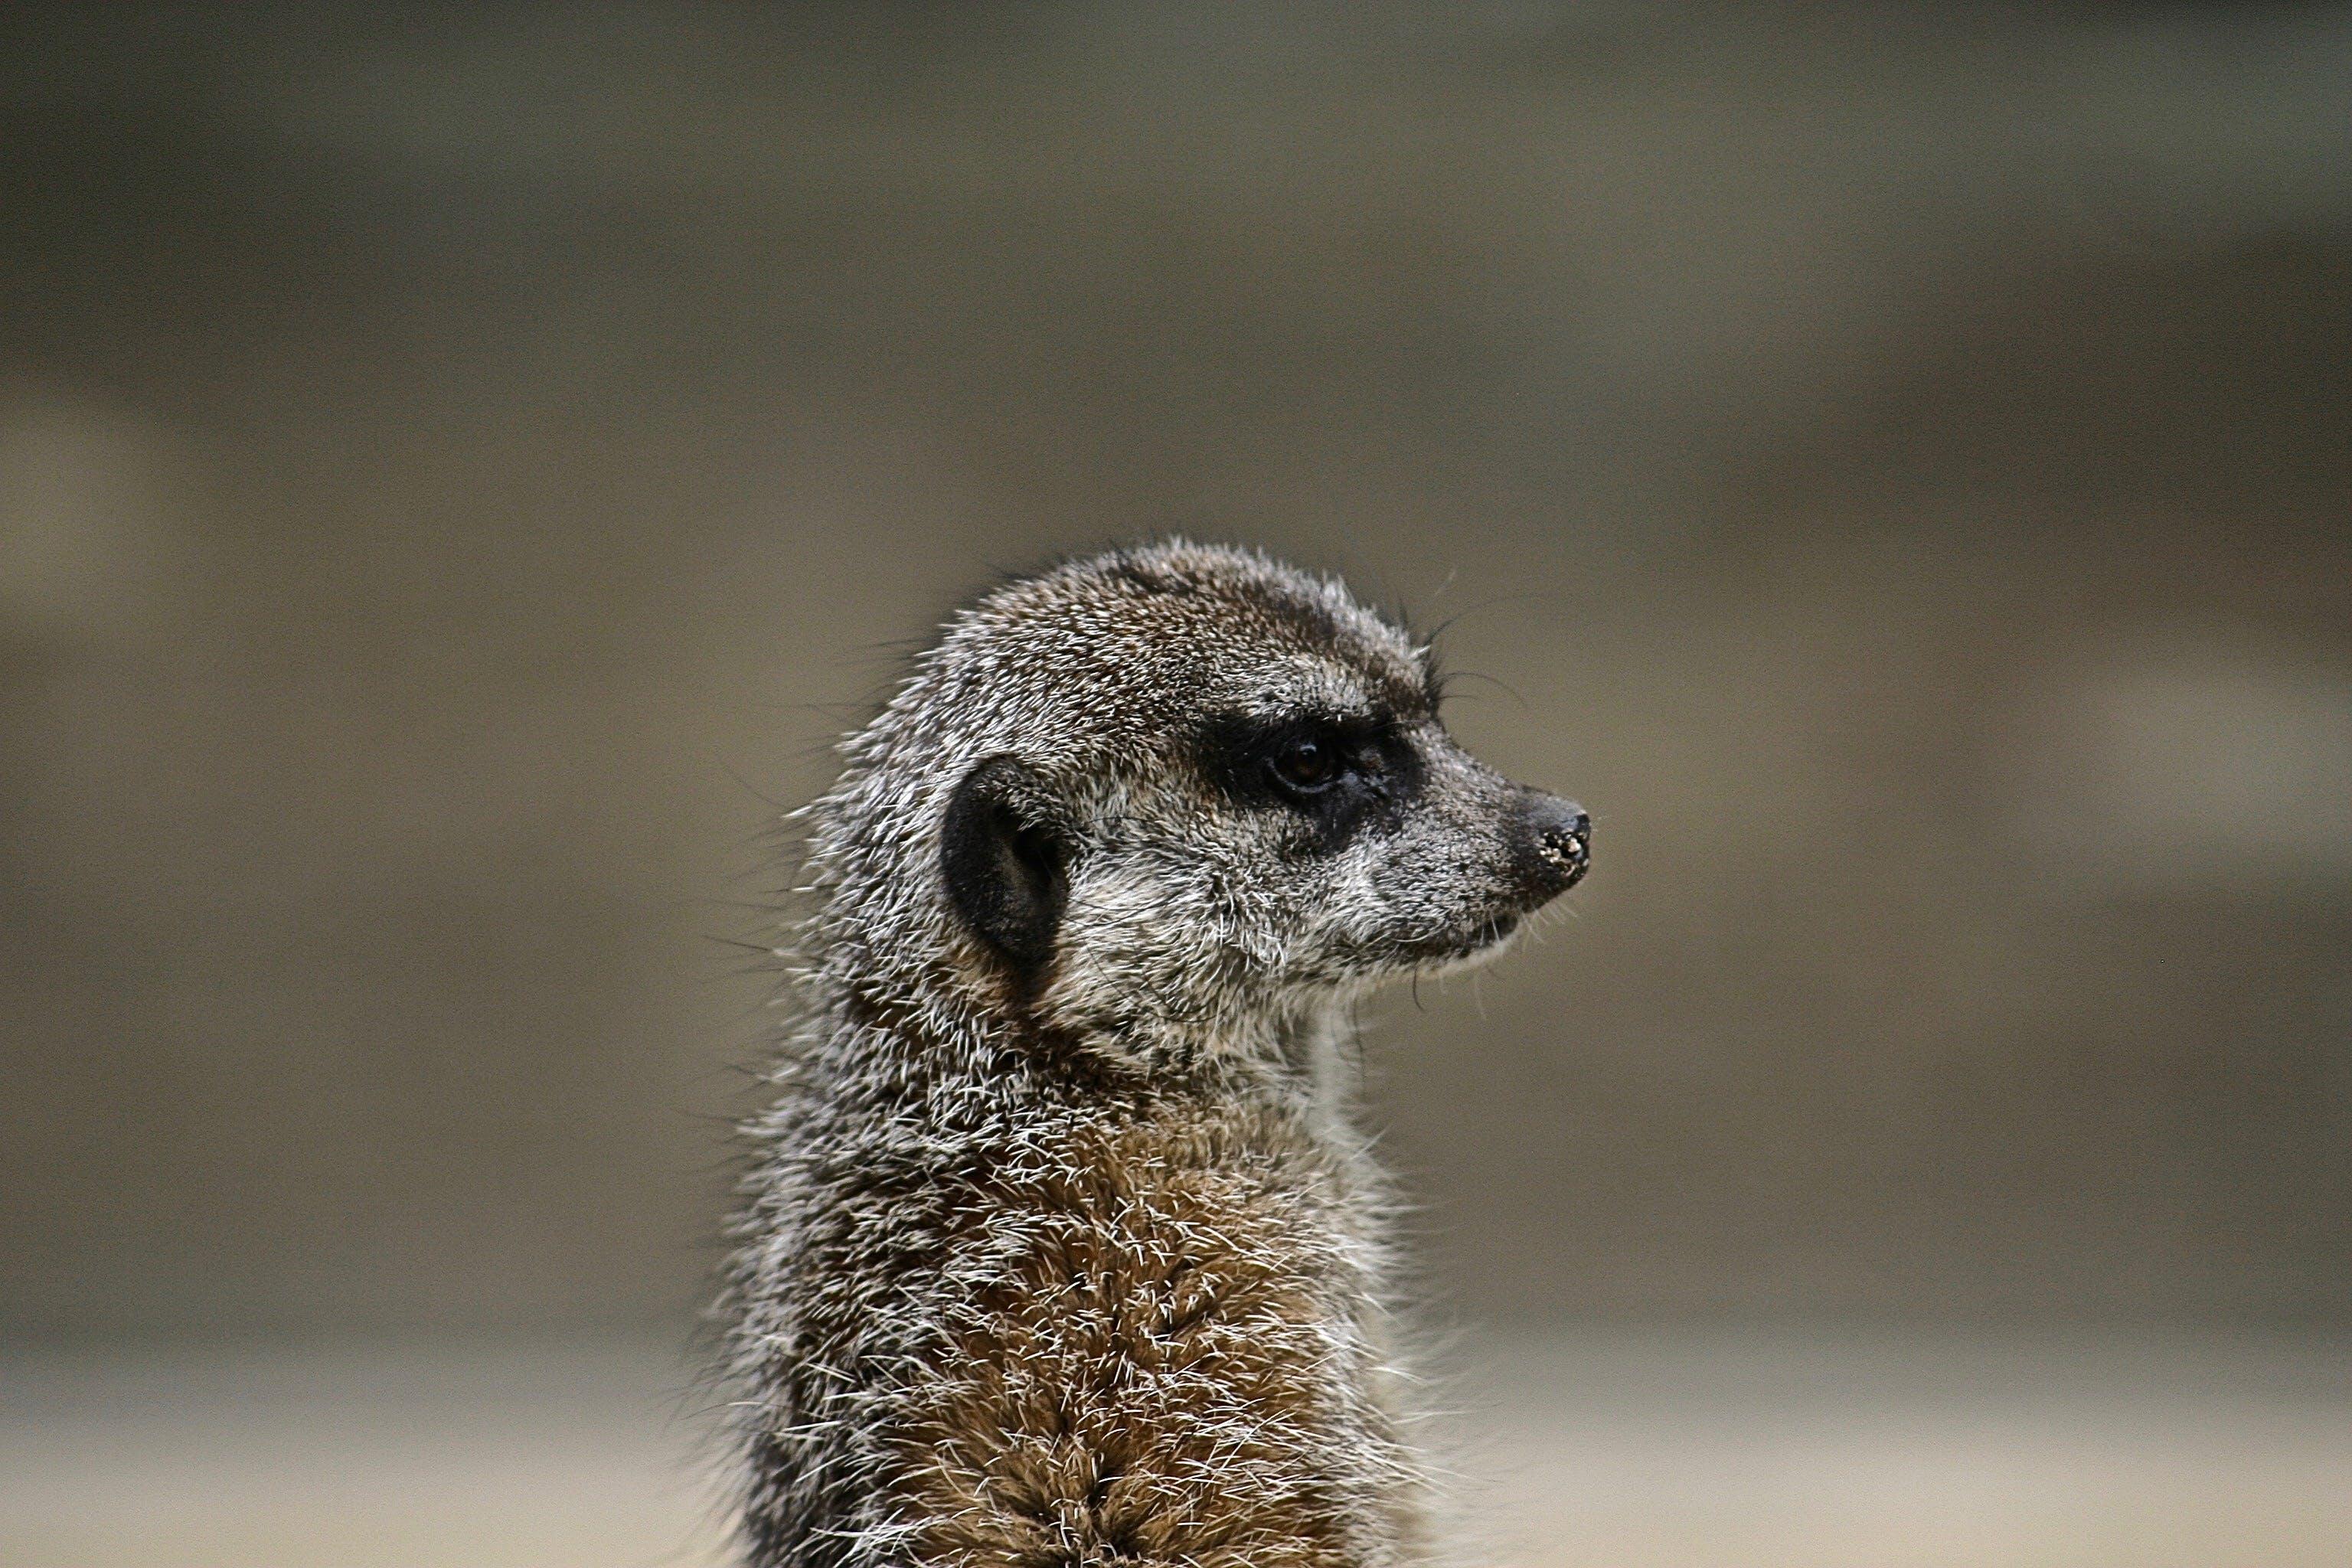 Darmowe zdjęcie z galerii z dzika przyroda, fotografia zwierzęcia, makro, ogród zoologiczny